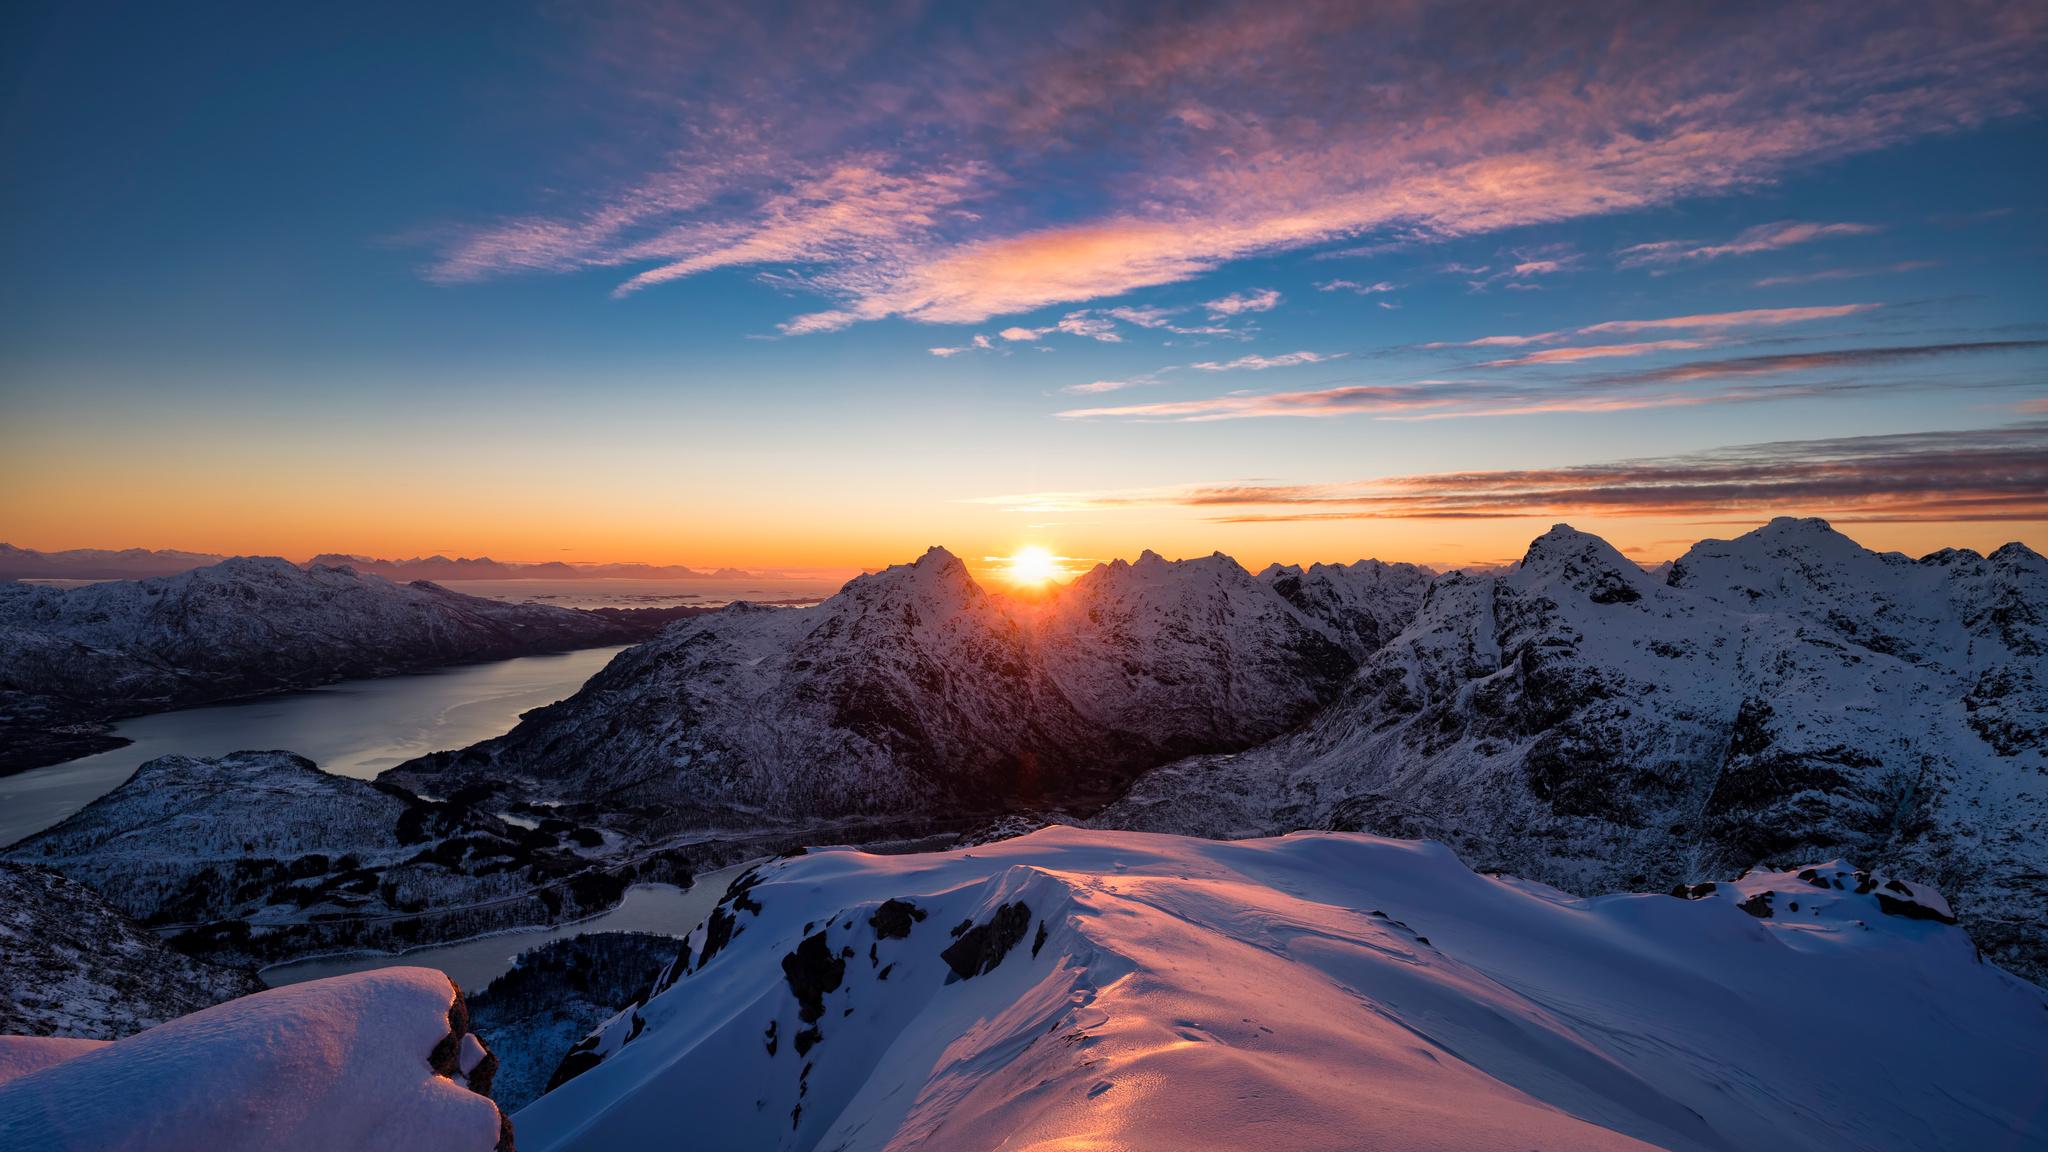 norway-lofoten-mountains-5k-c2.jpg